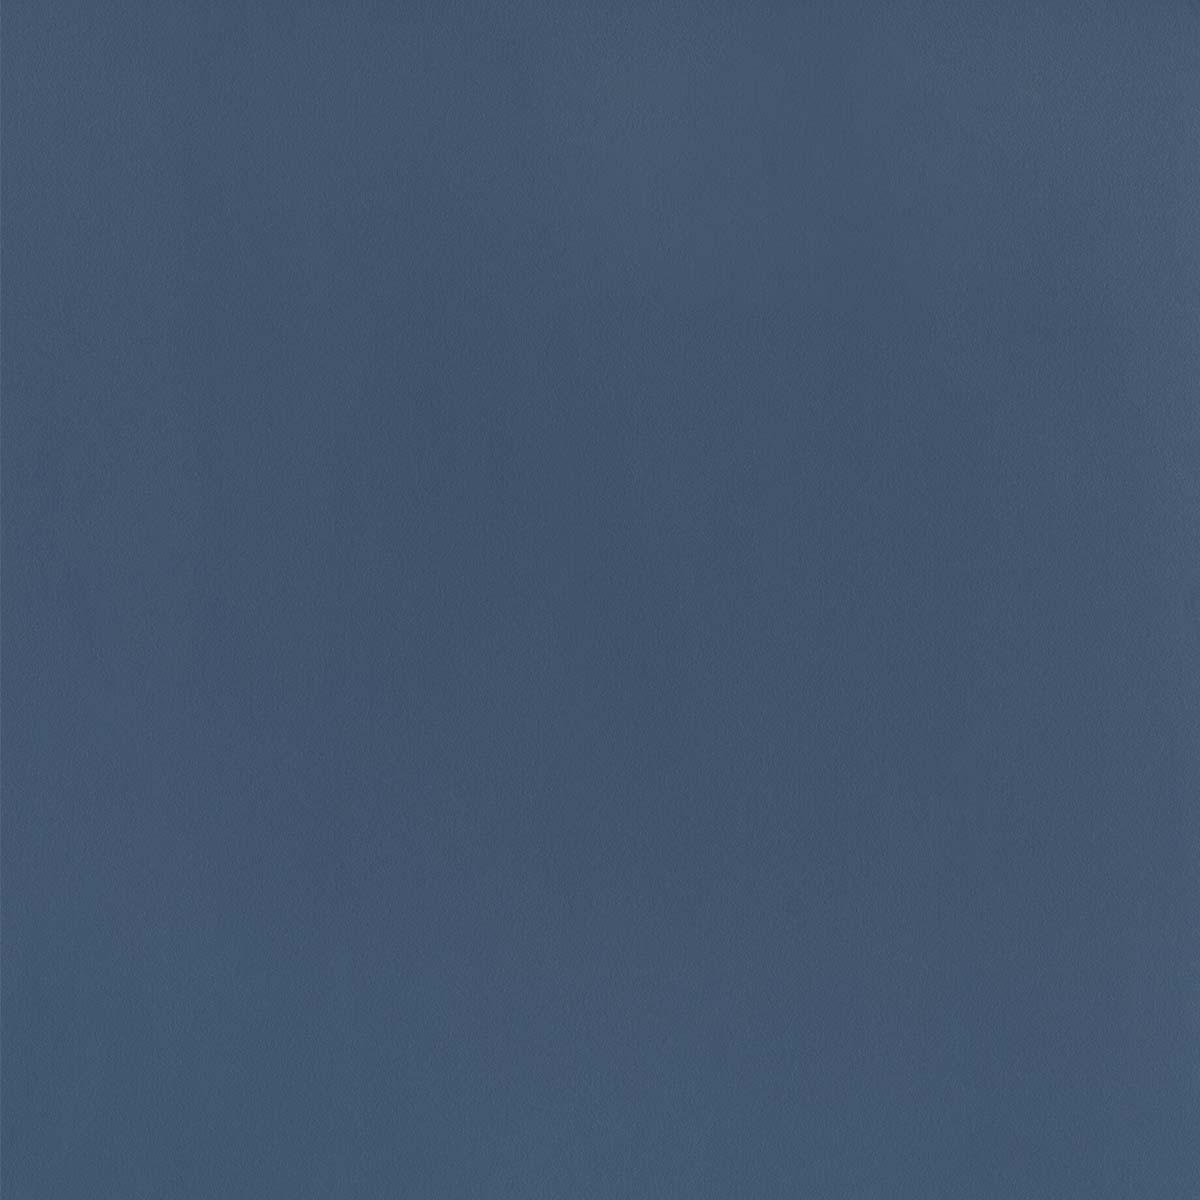 HF1947 VL Sea Blue